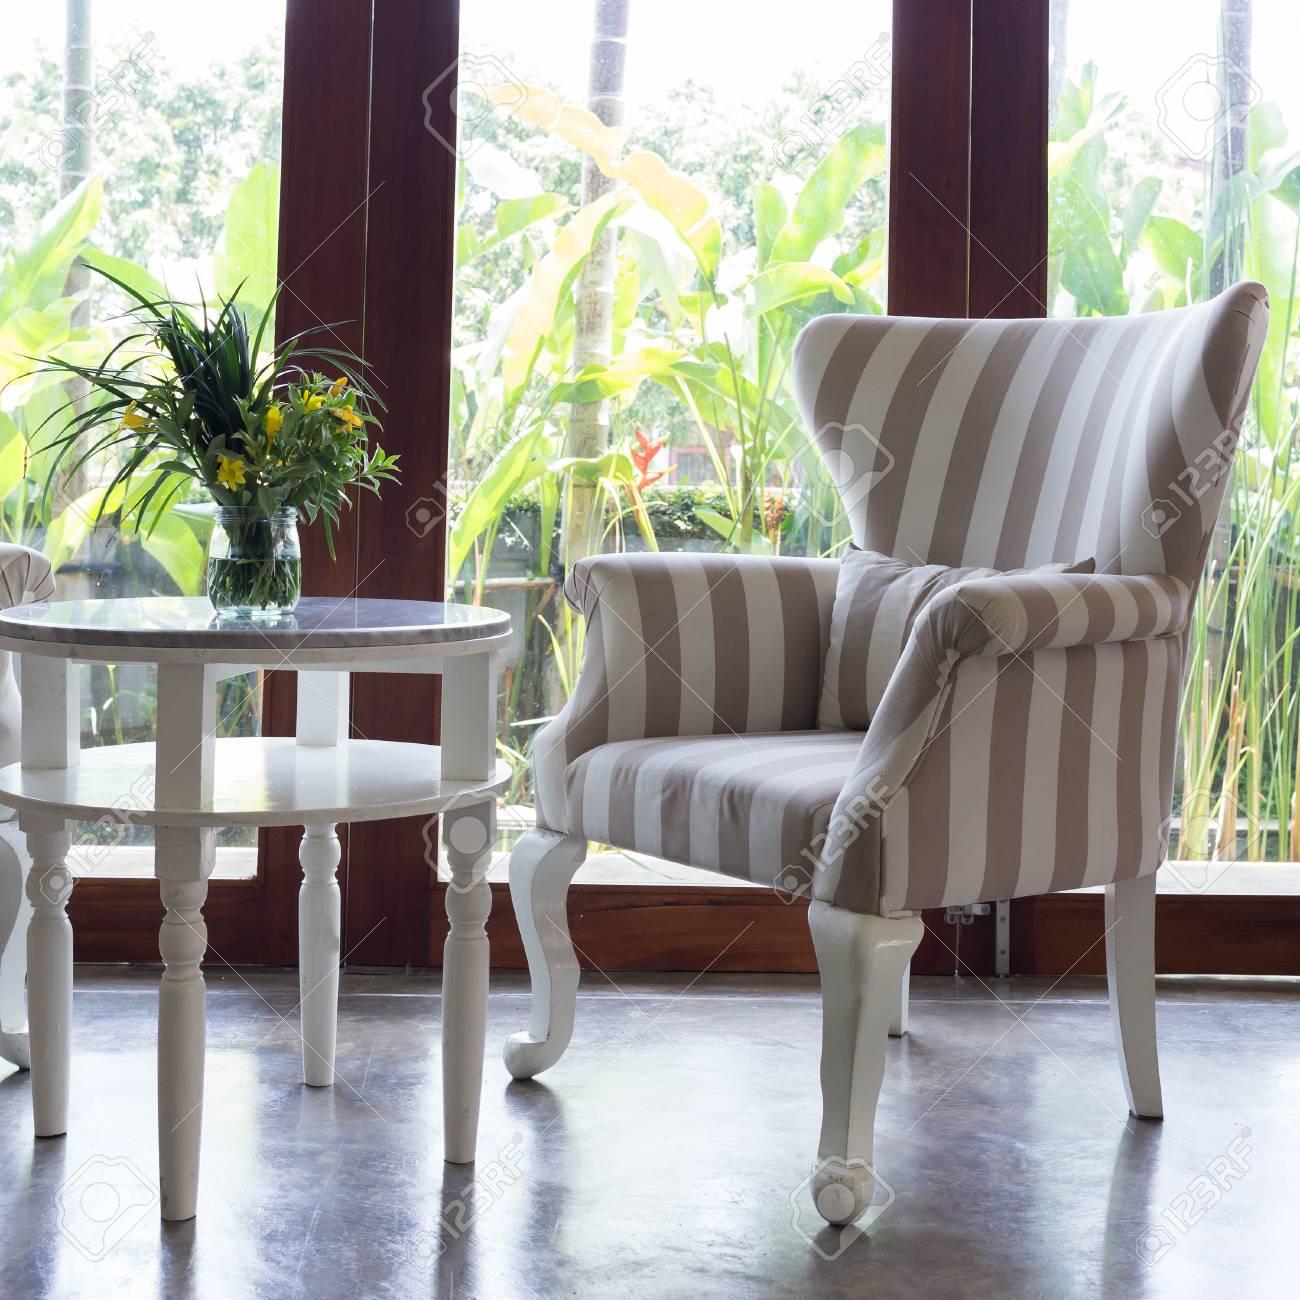 GroBartig Gestaltung Von Innen Wohnzimmer Mit Sofa Möbel Mit Spiegel Fenster Und  Grünen Garten Hintergrund Standard